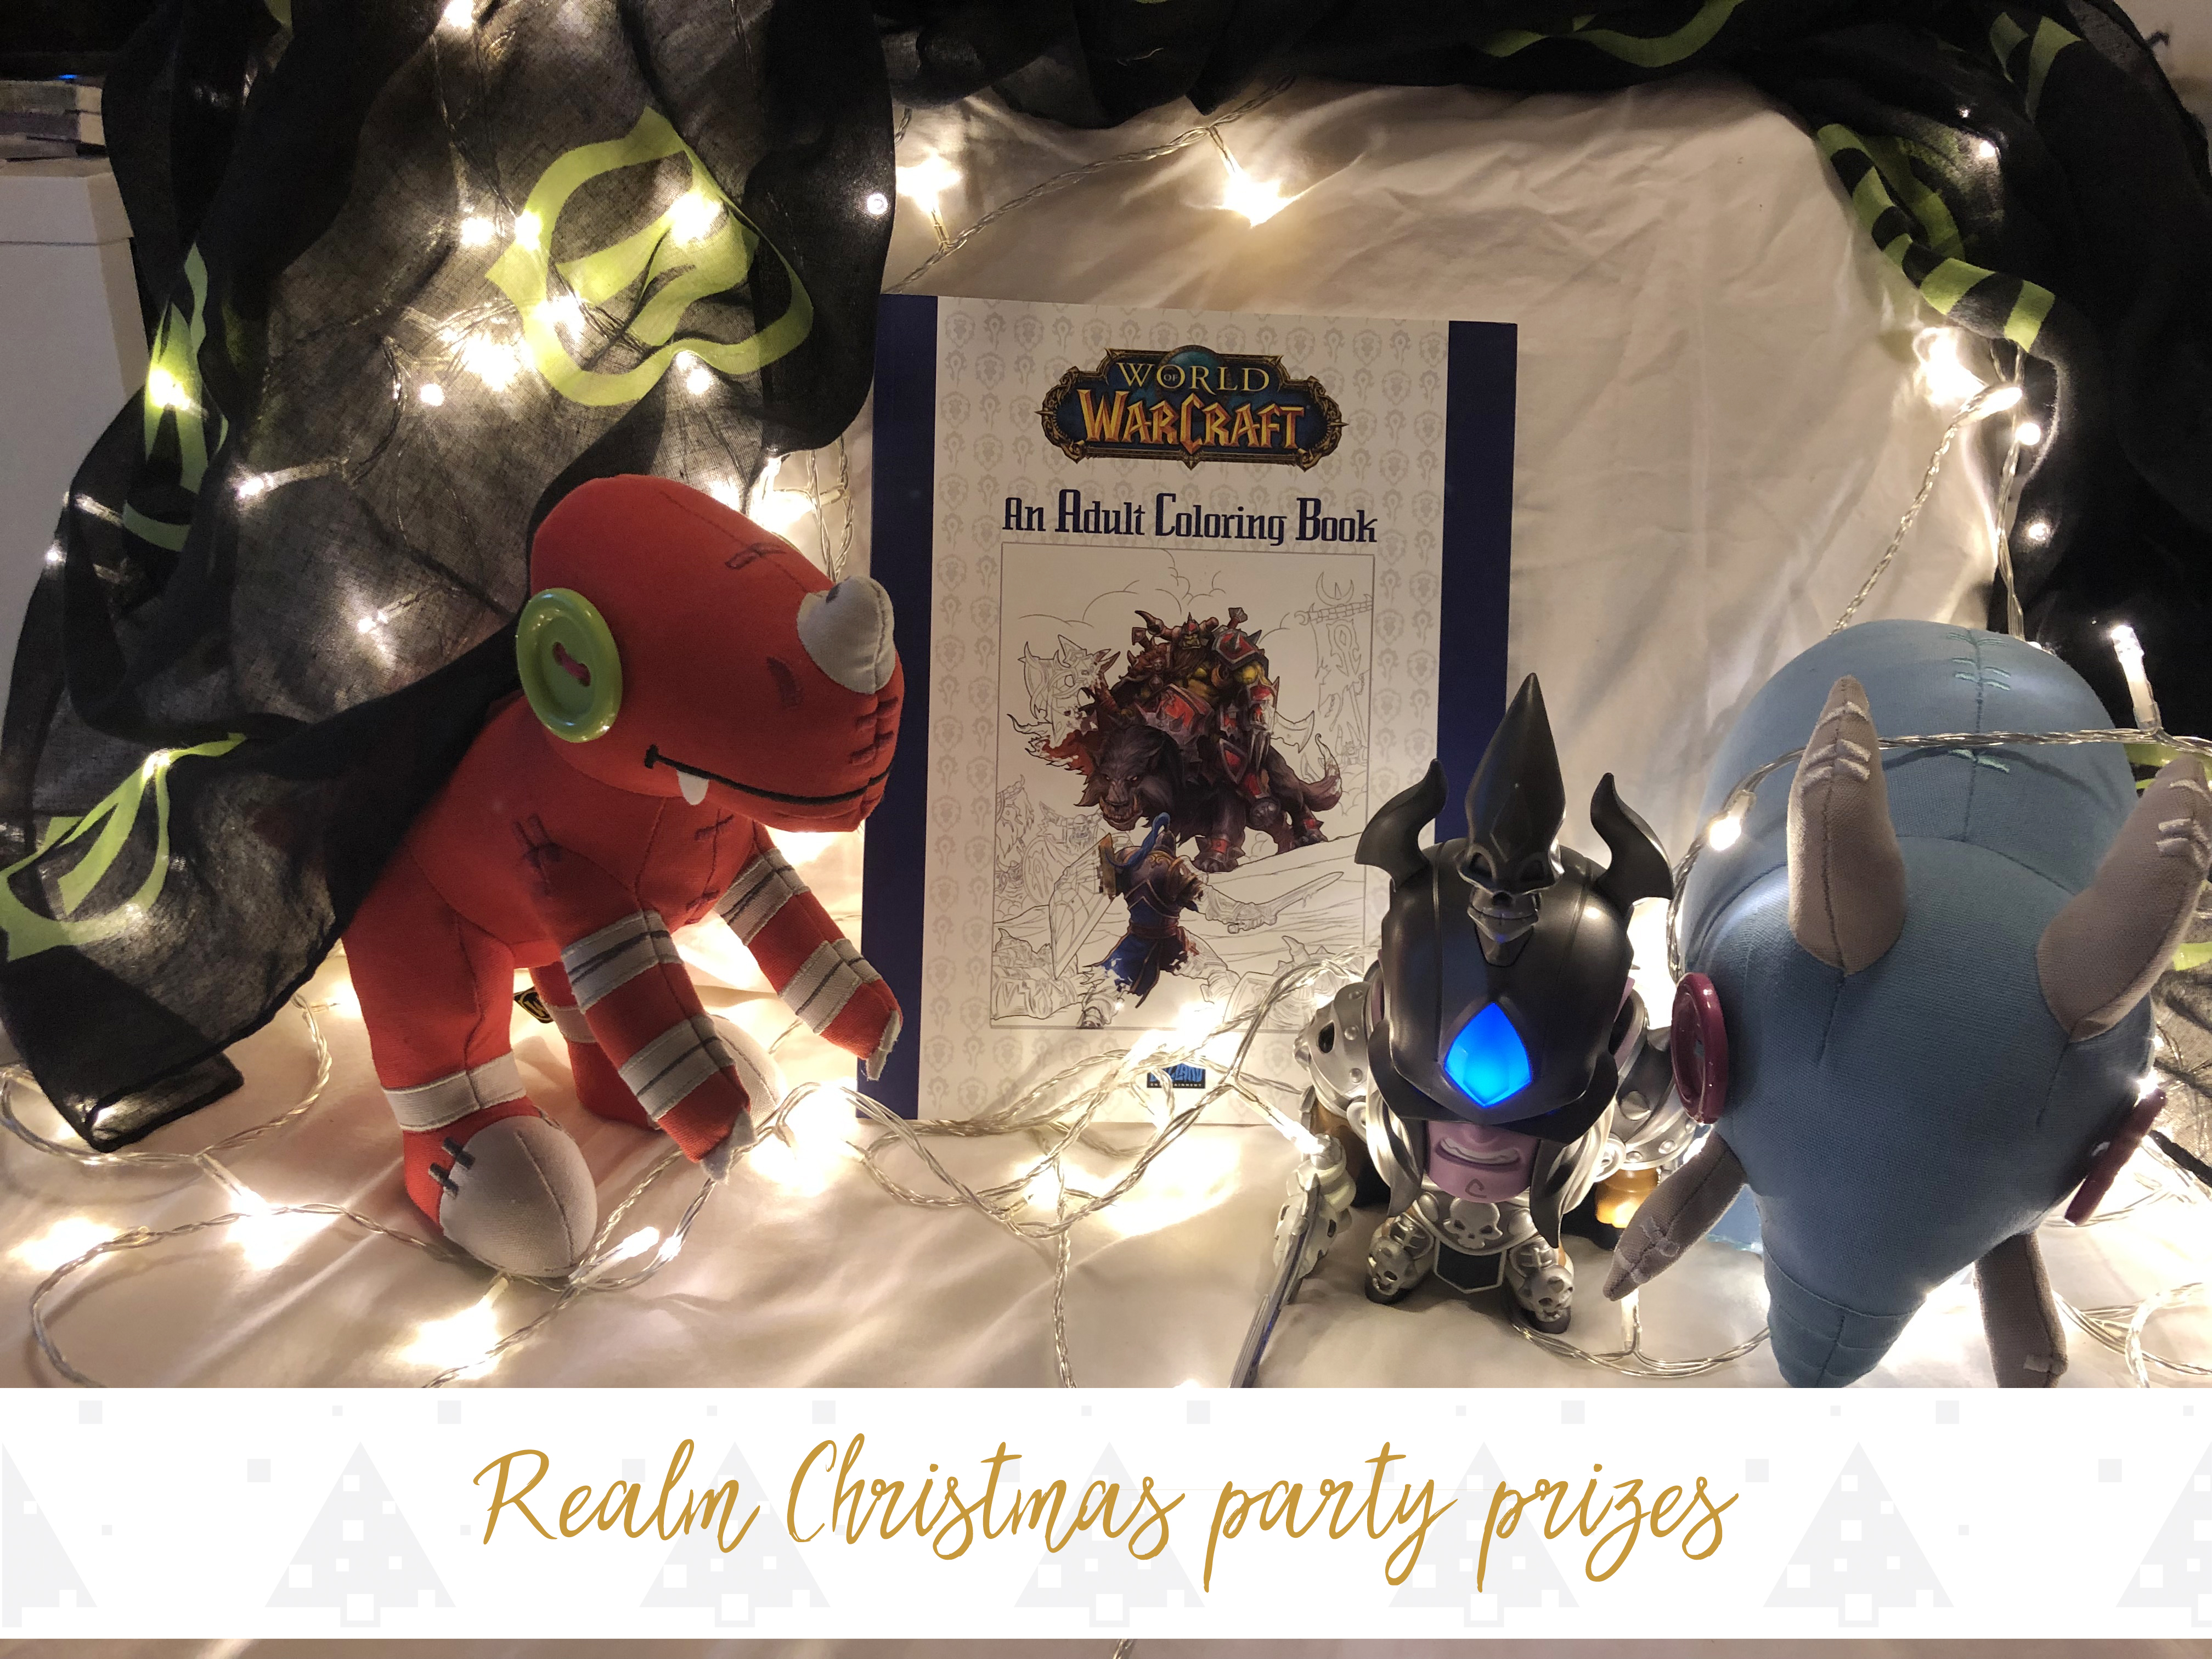 R_xmas_C_prizes